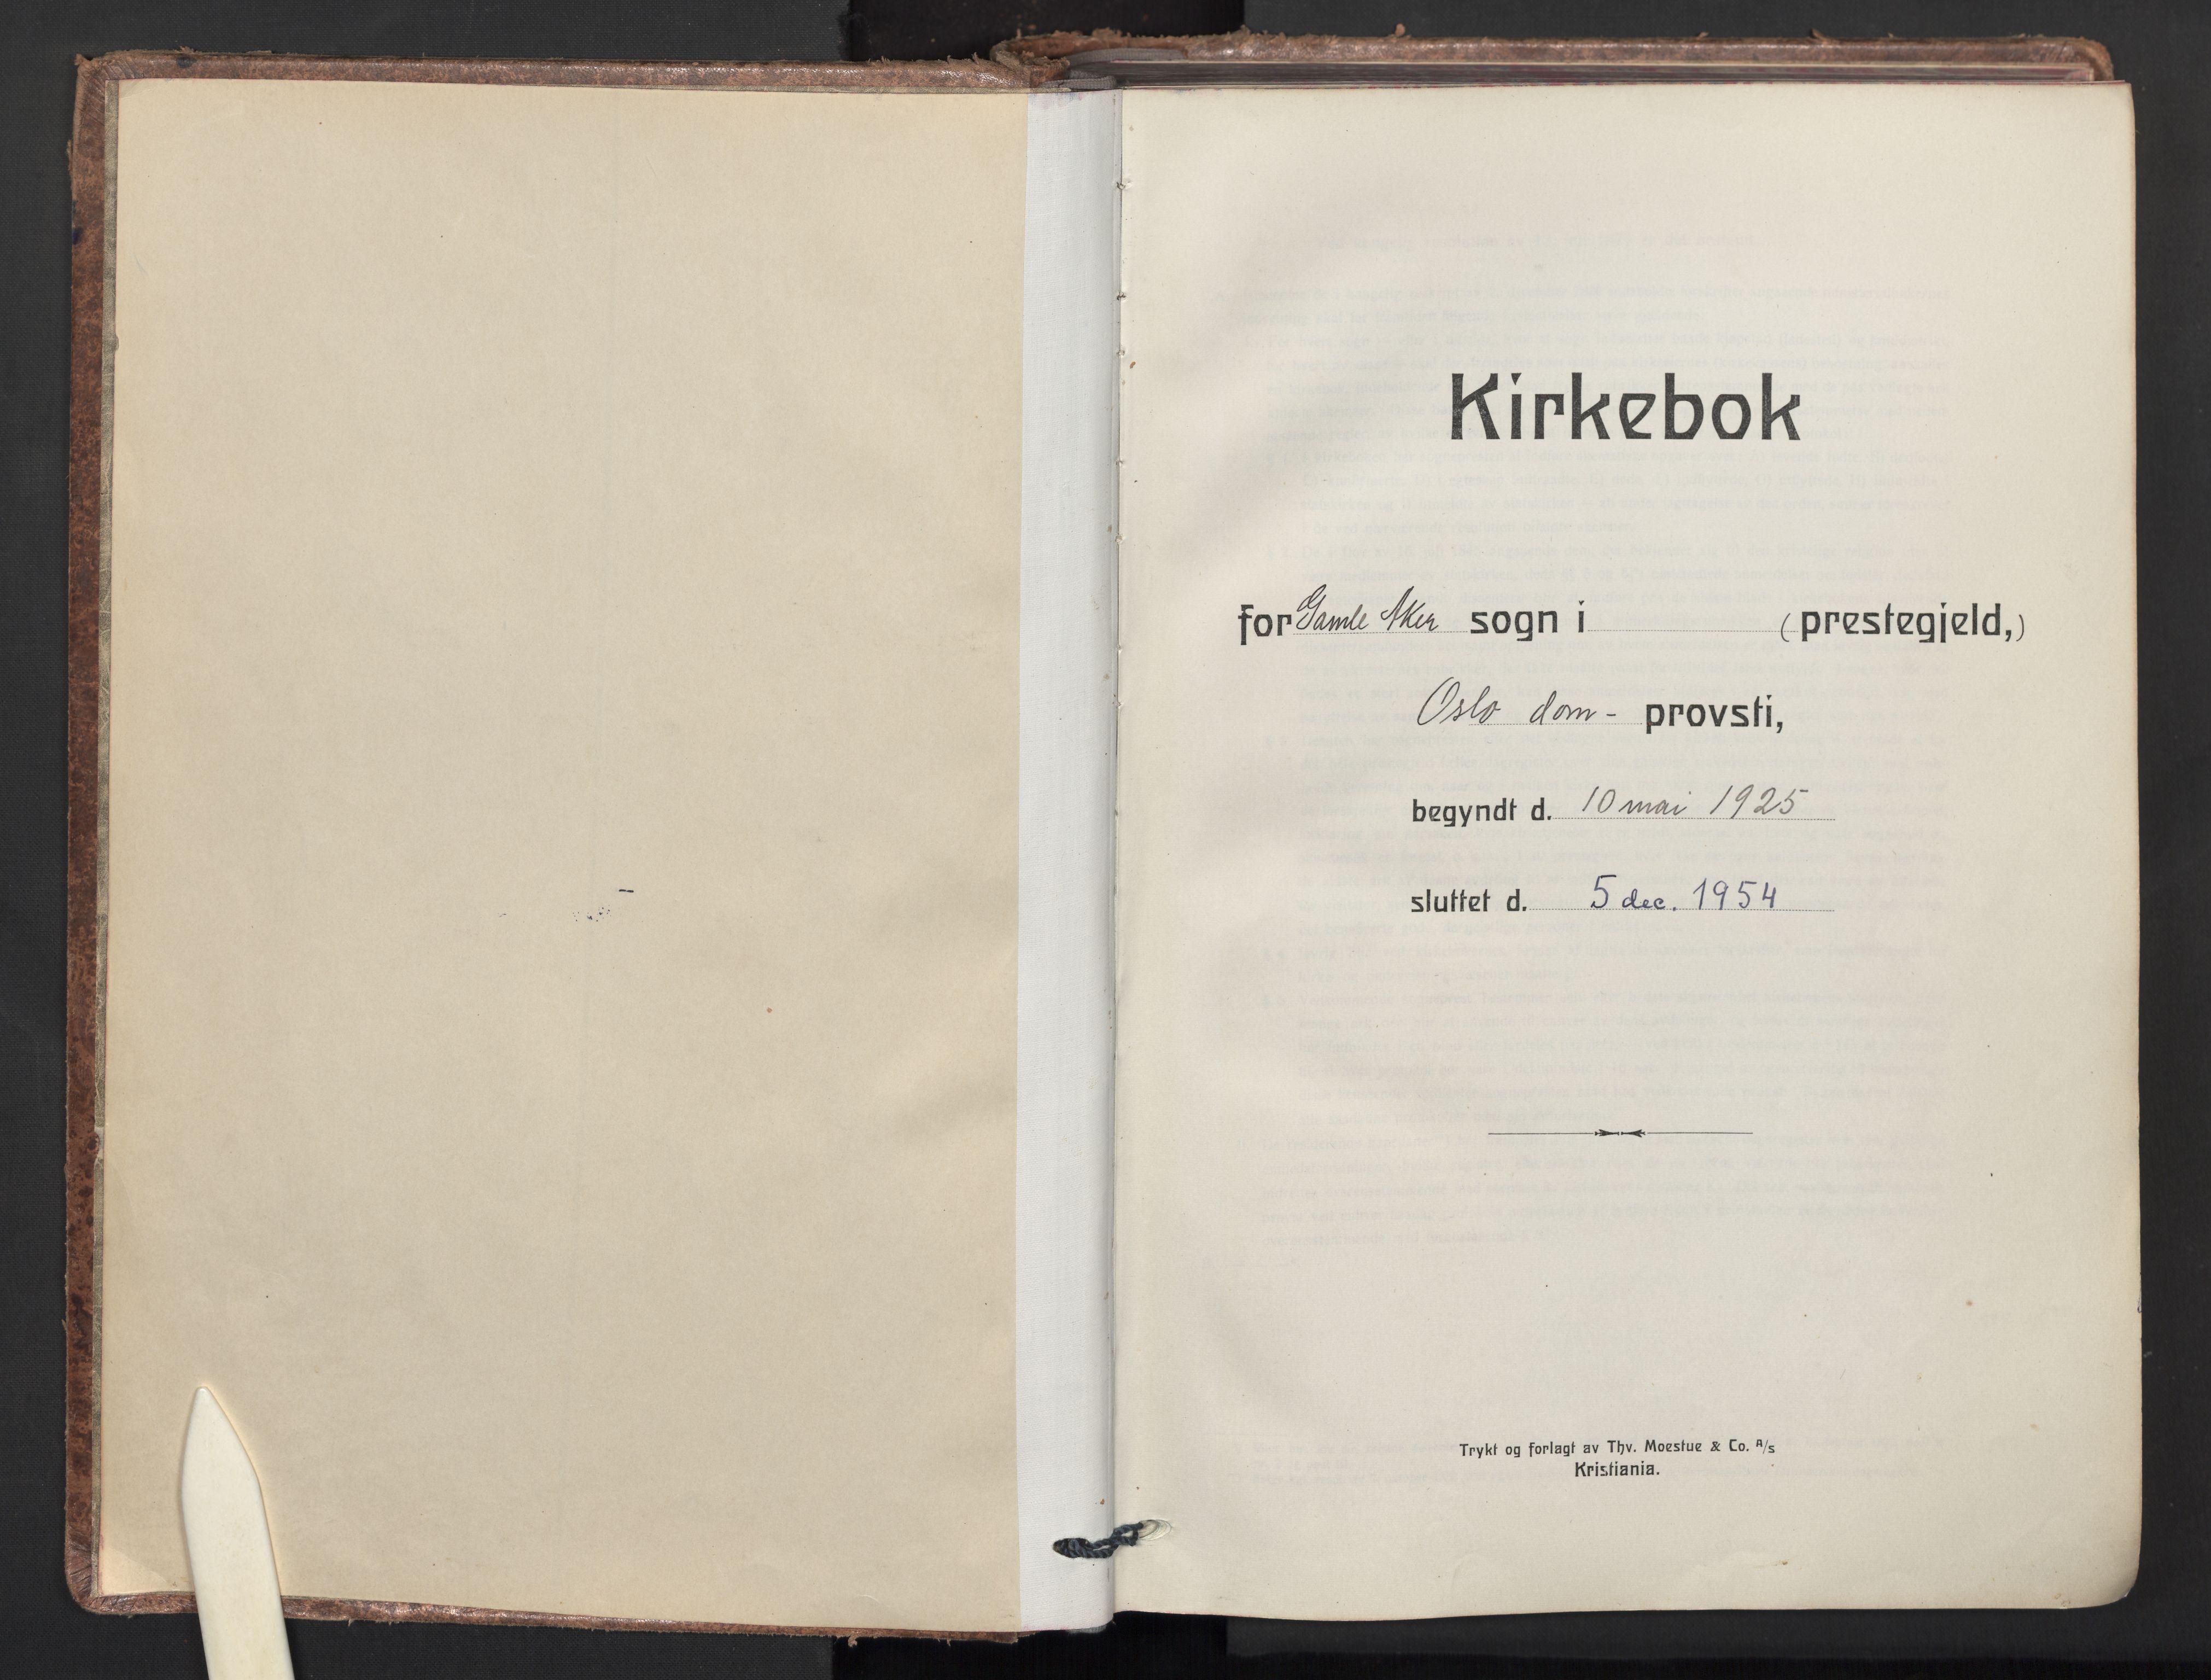 SAO, Gamle Aker prestekontor Kirkebøker, F/L0019: Ministerialbok nr. 19, 1925-1954